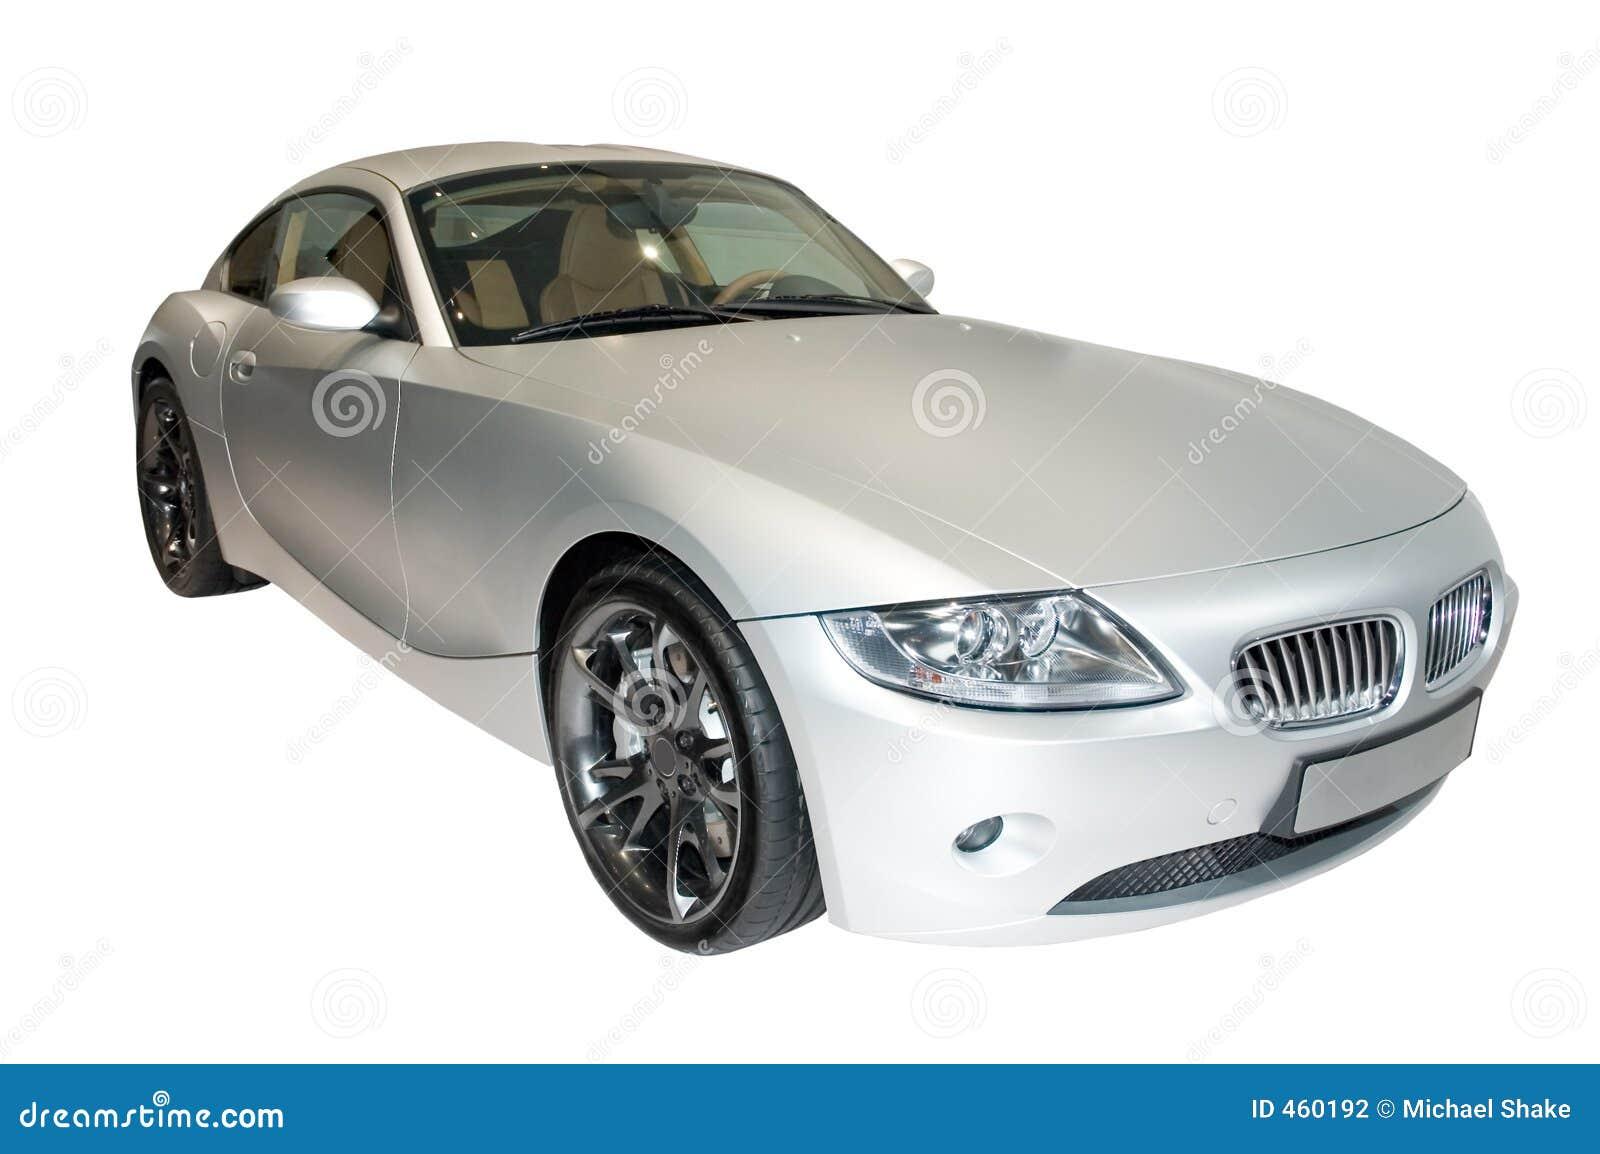 BMW Z4 Sports Car